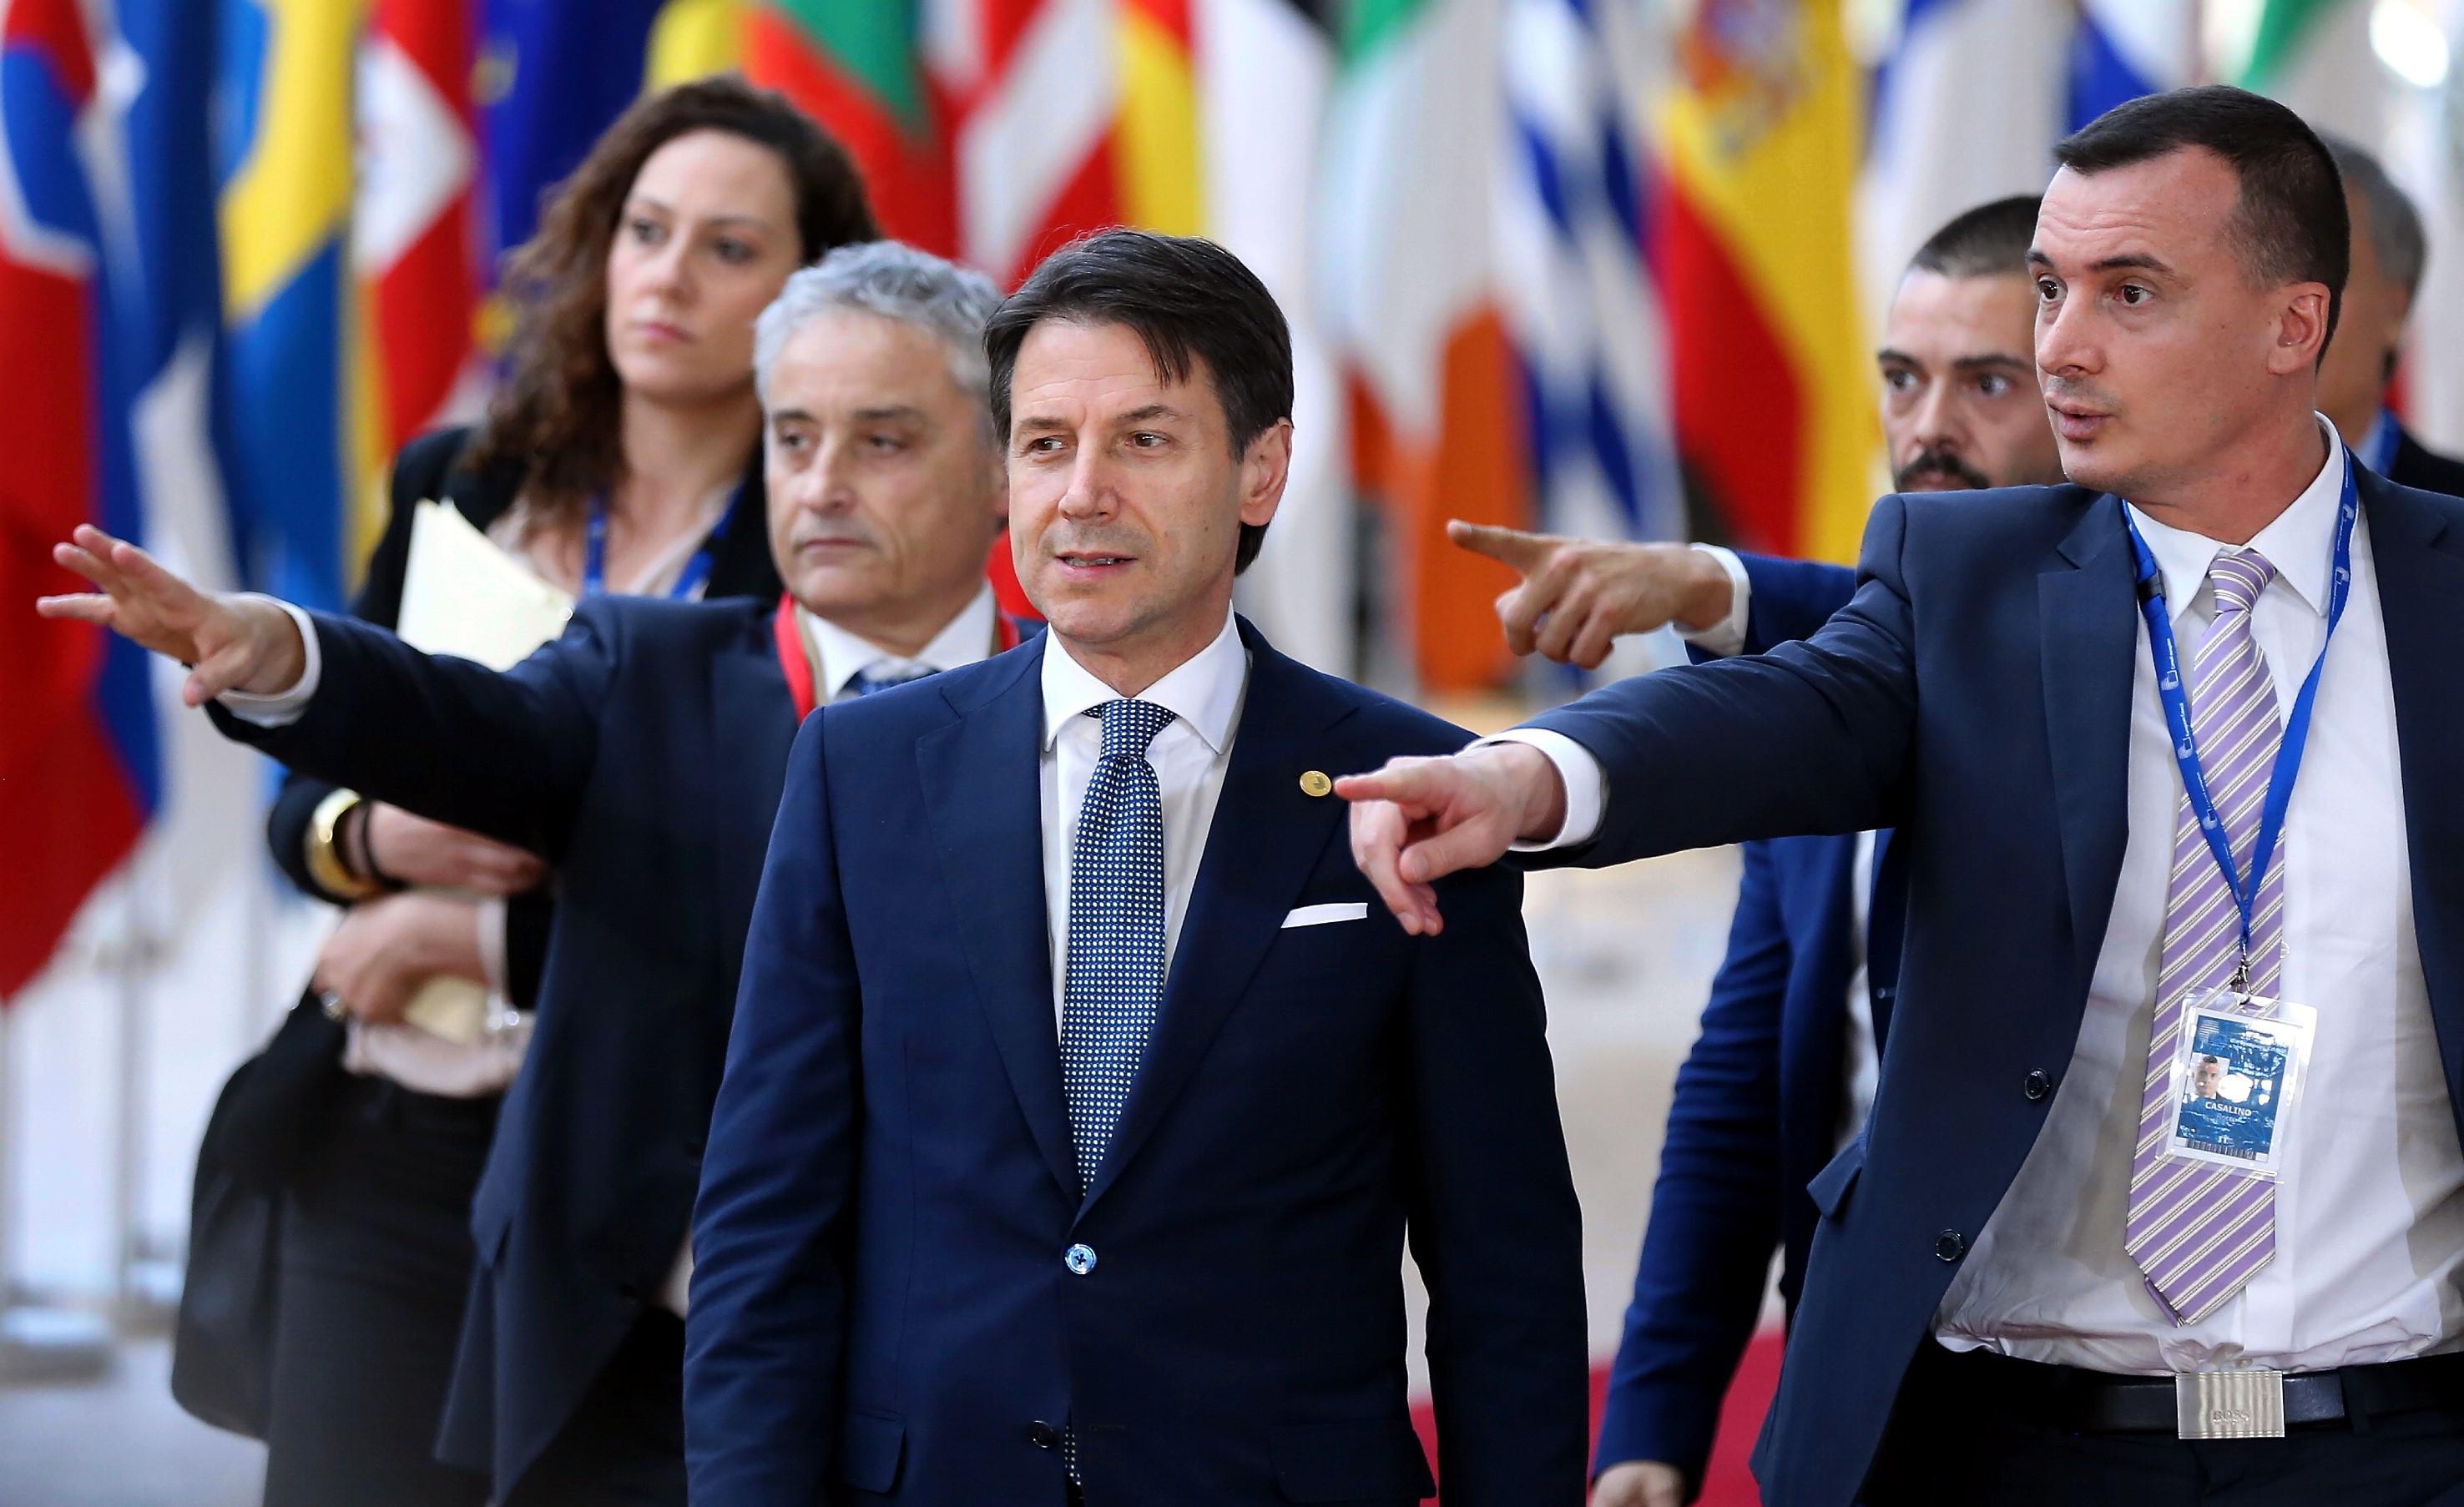 Az olasz miniszterelnök szerint az Európai Unió forog kockán a koronavírus elleni harcban